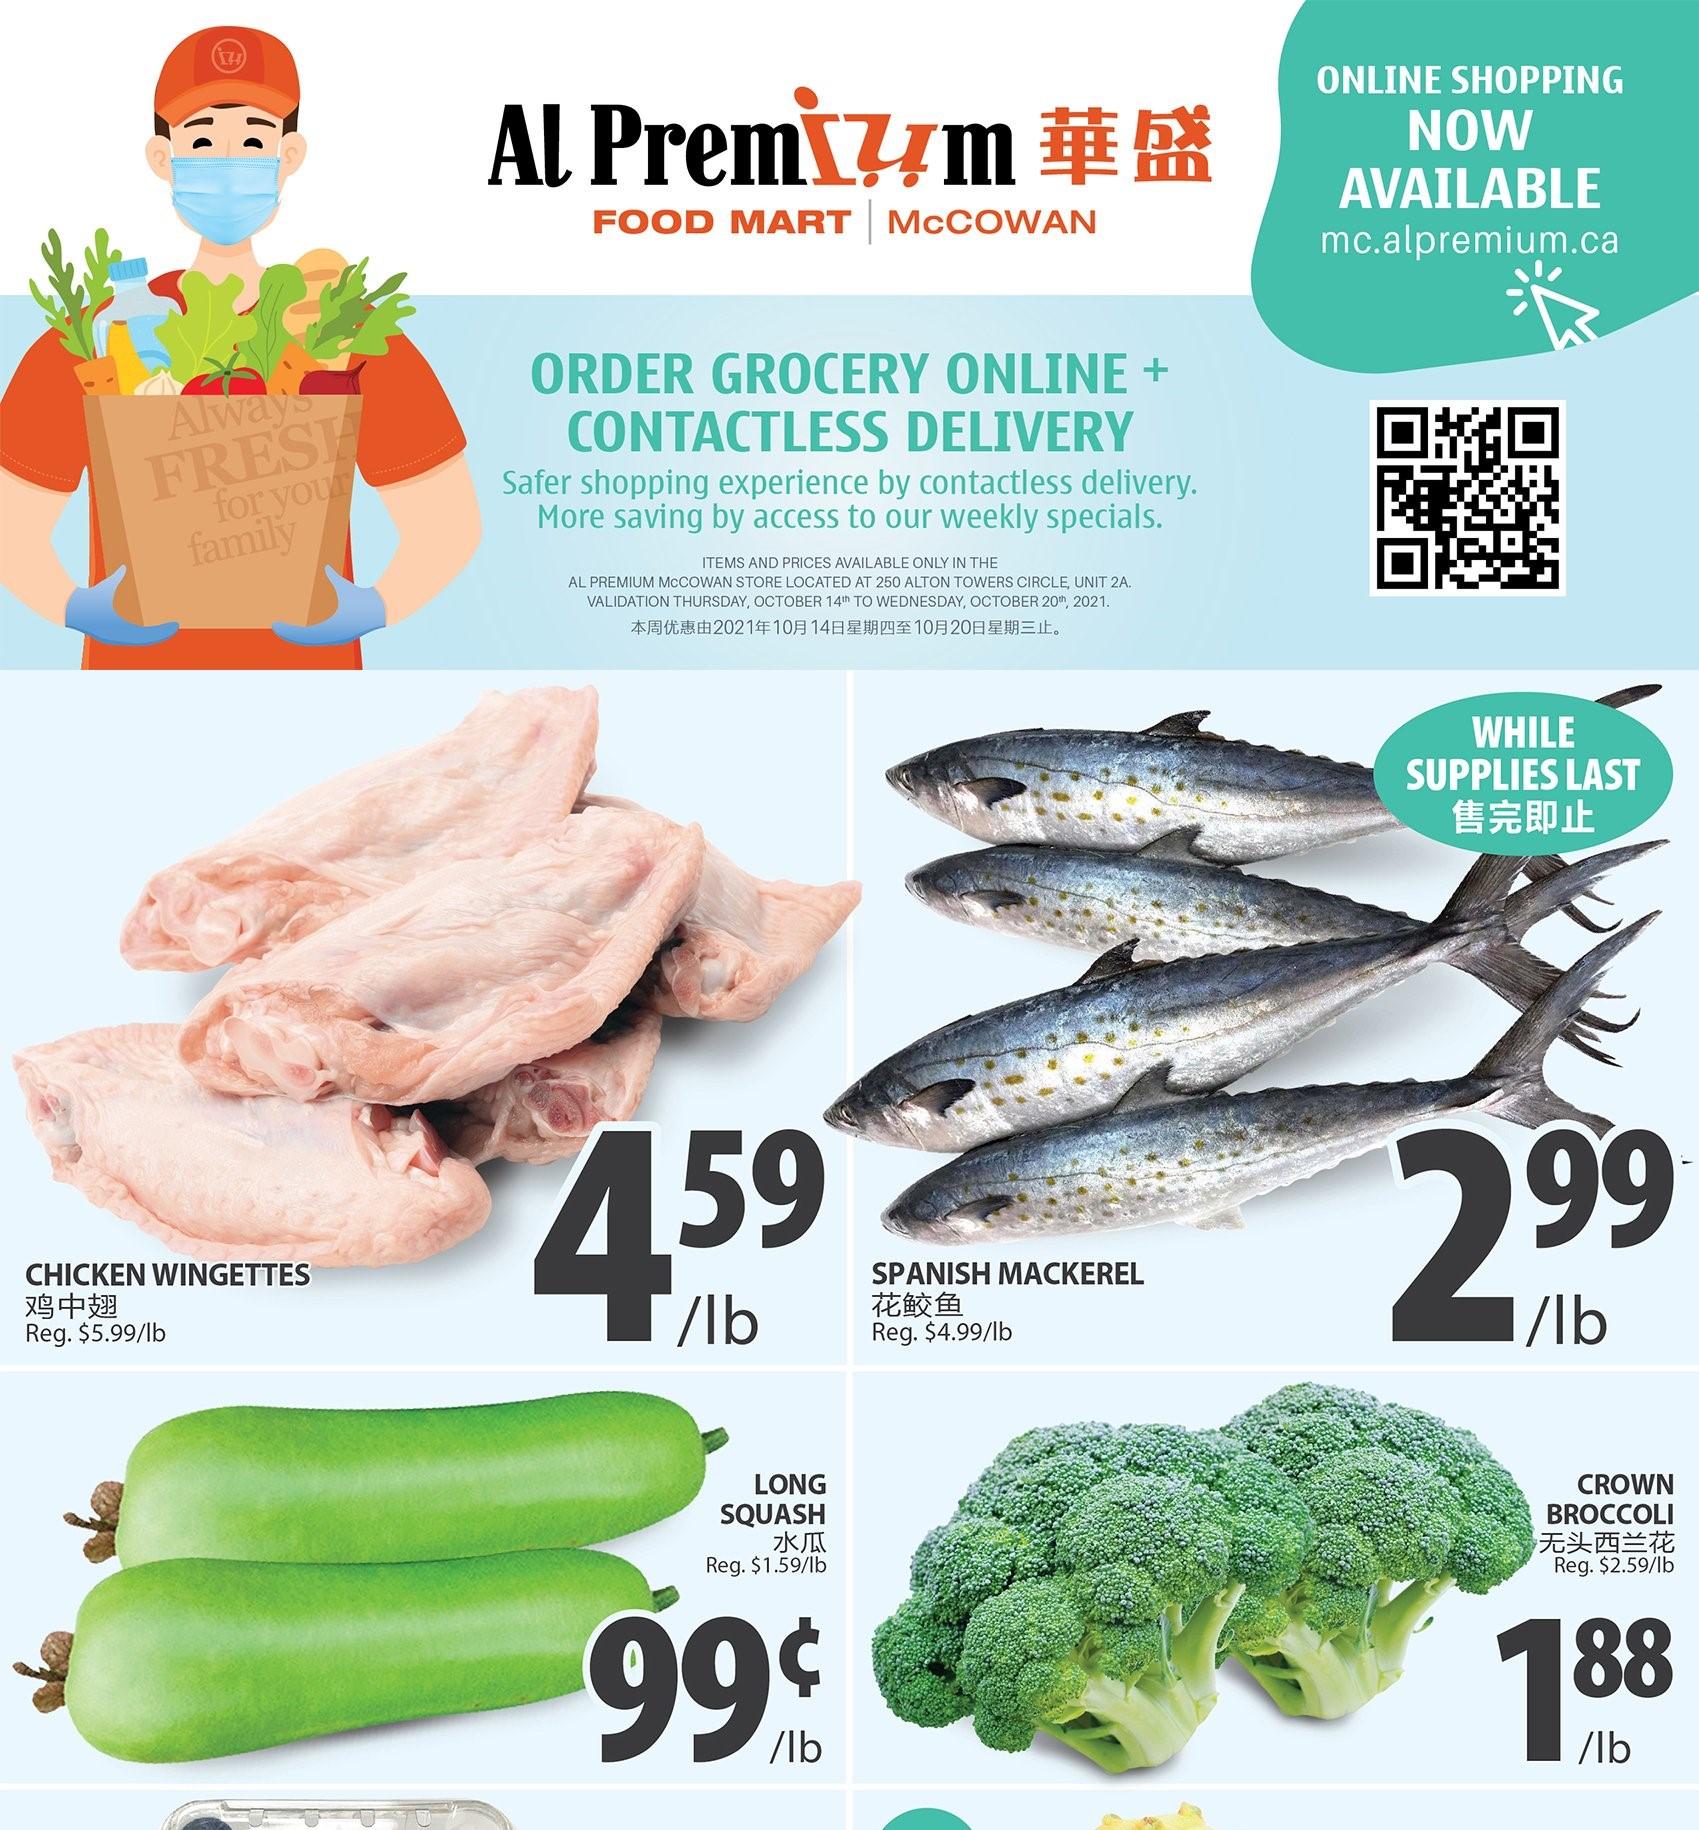 Al Premium Food Mart McCowan Flyer   Oct 14